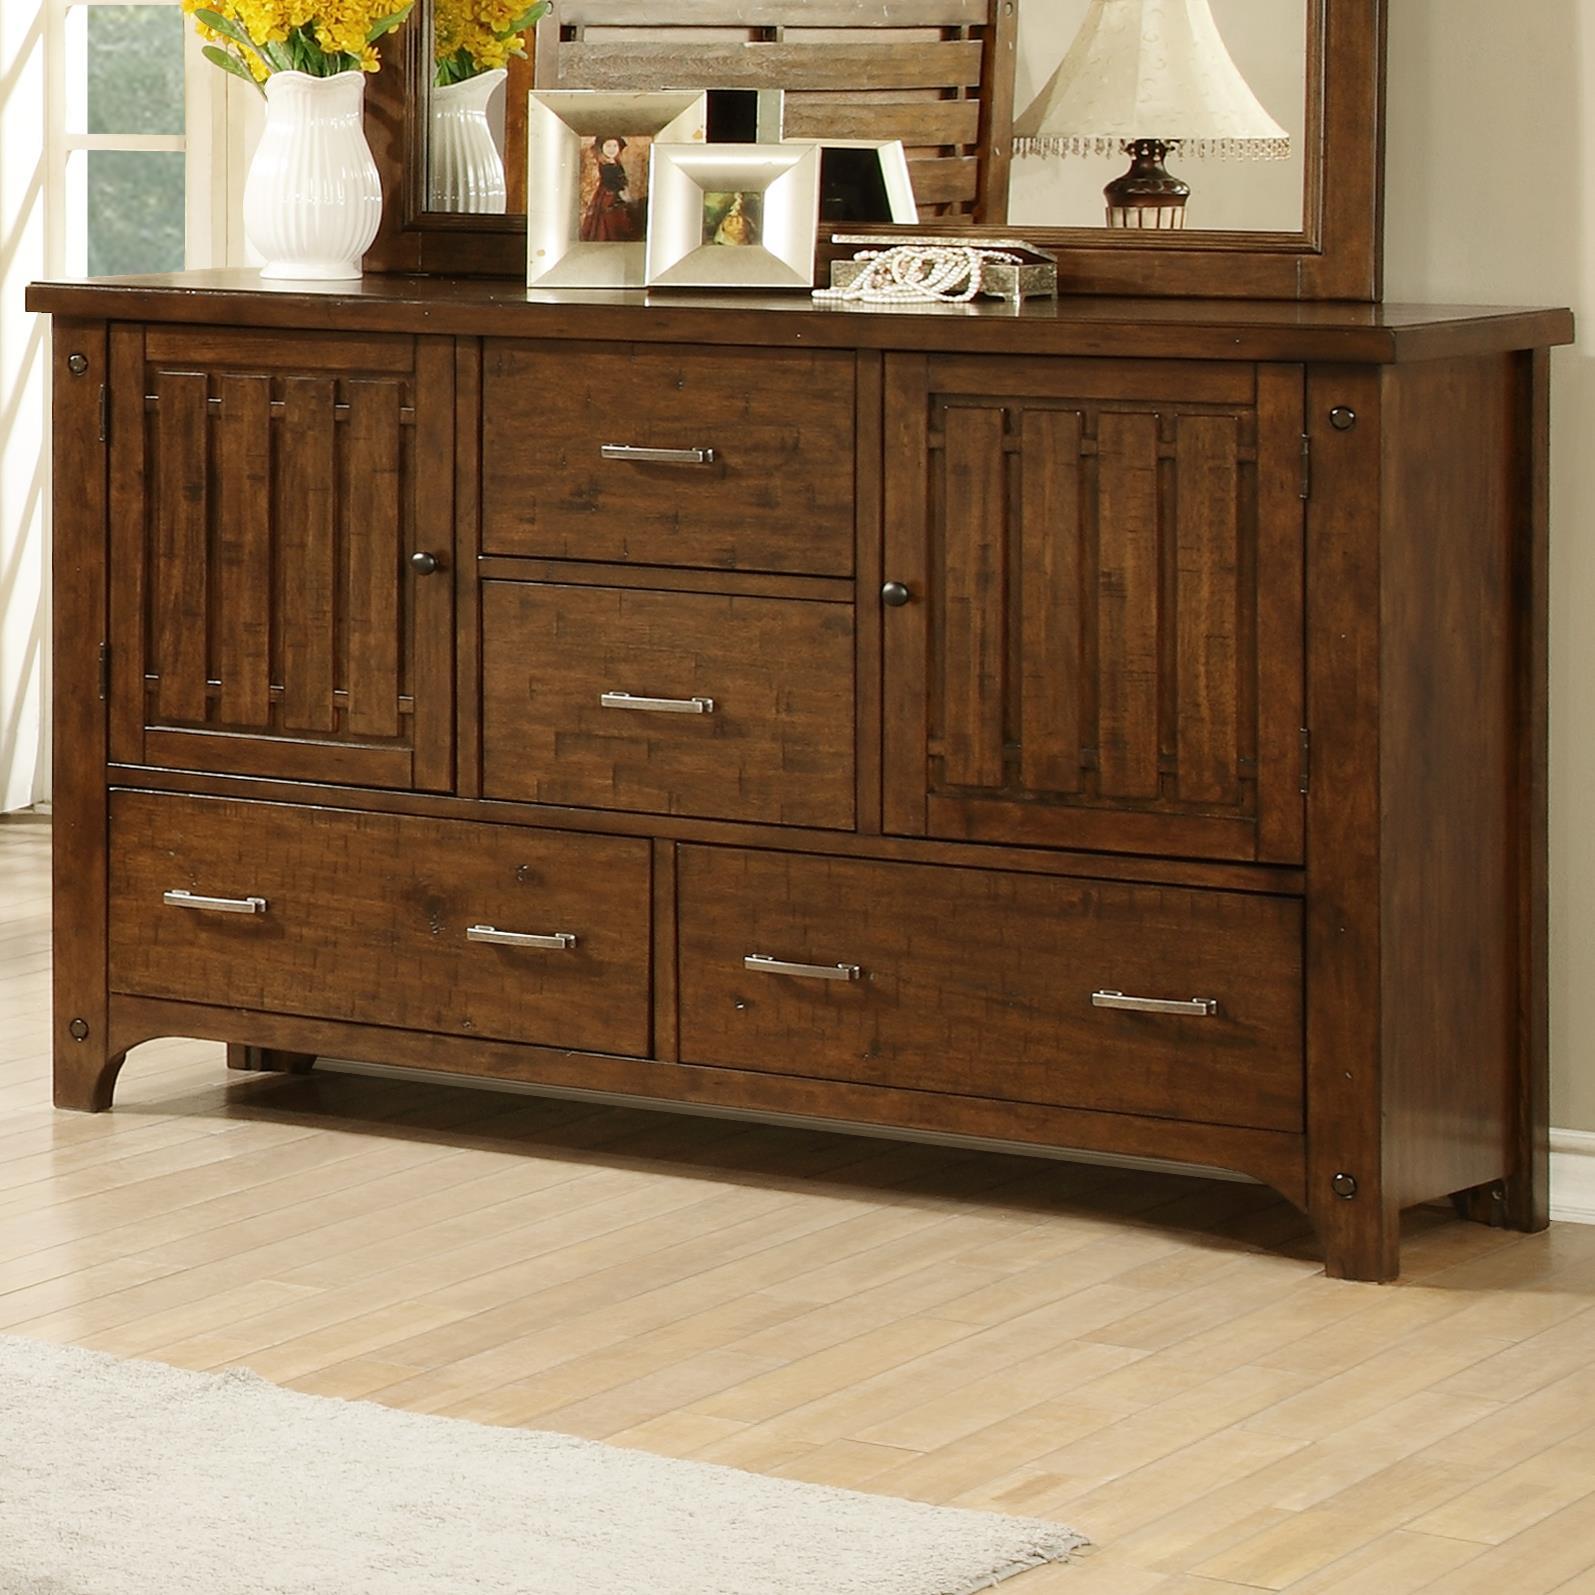 Boulder Creek Slat Drawer Dresser